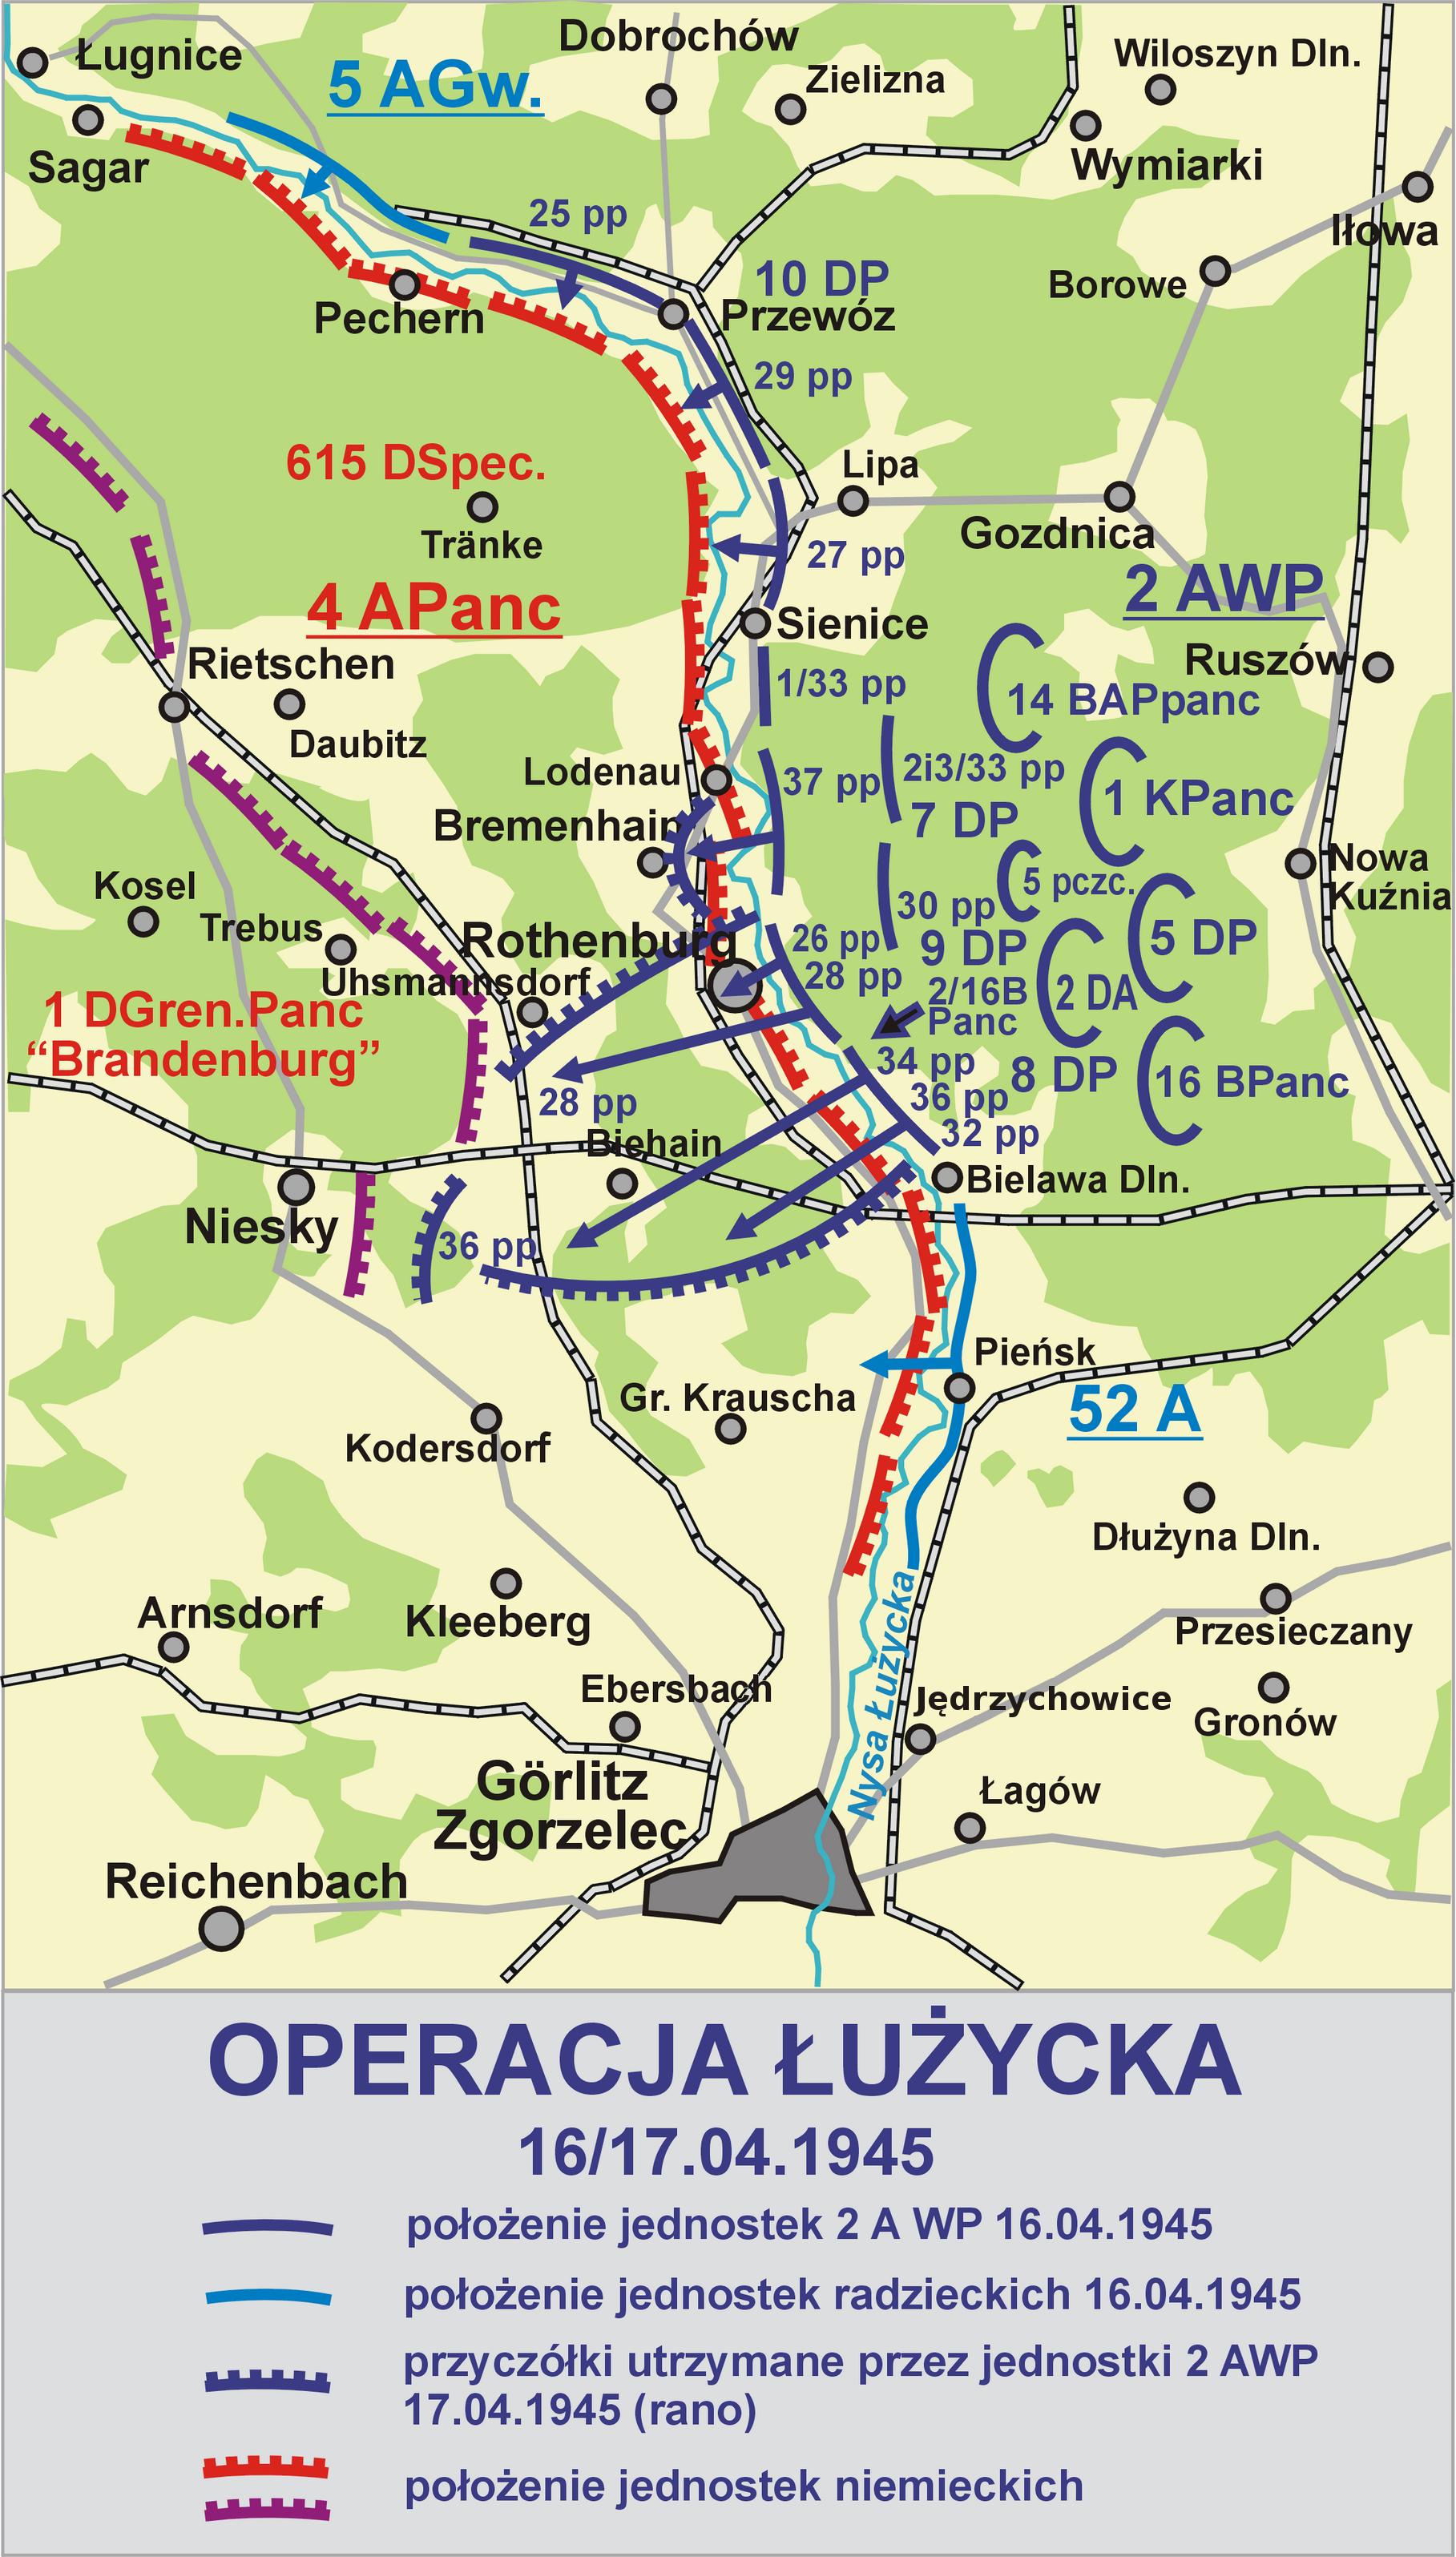 https://upload.wikimedia.org/wikipedia/commons/6/69/Operacja_luzycka.png